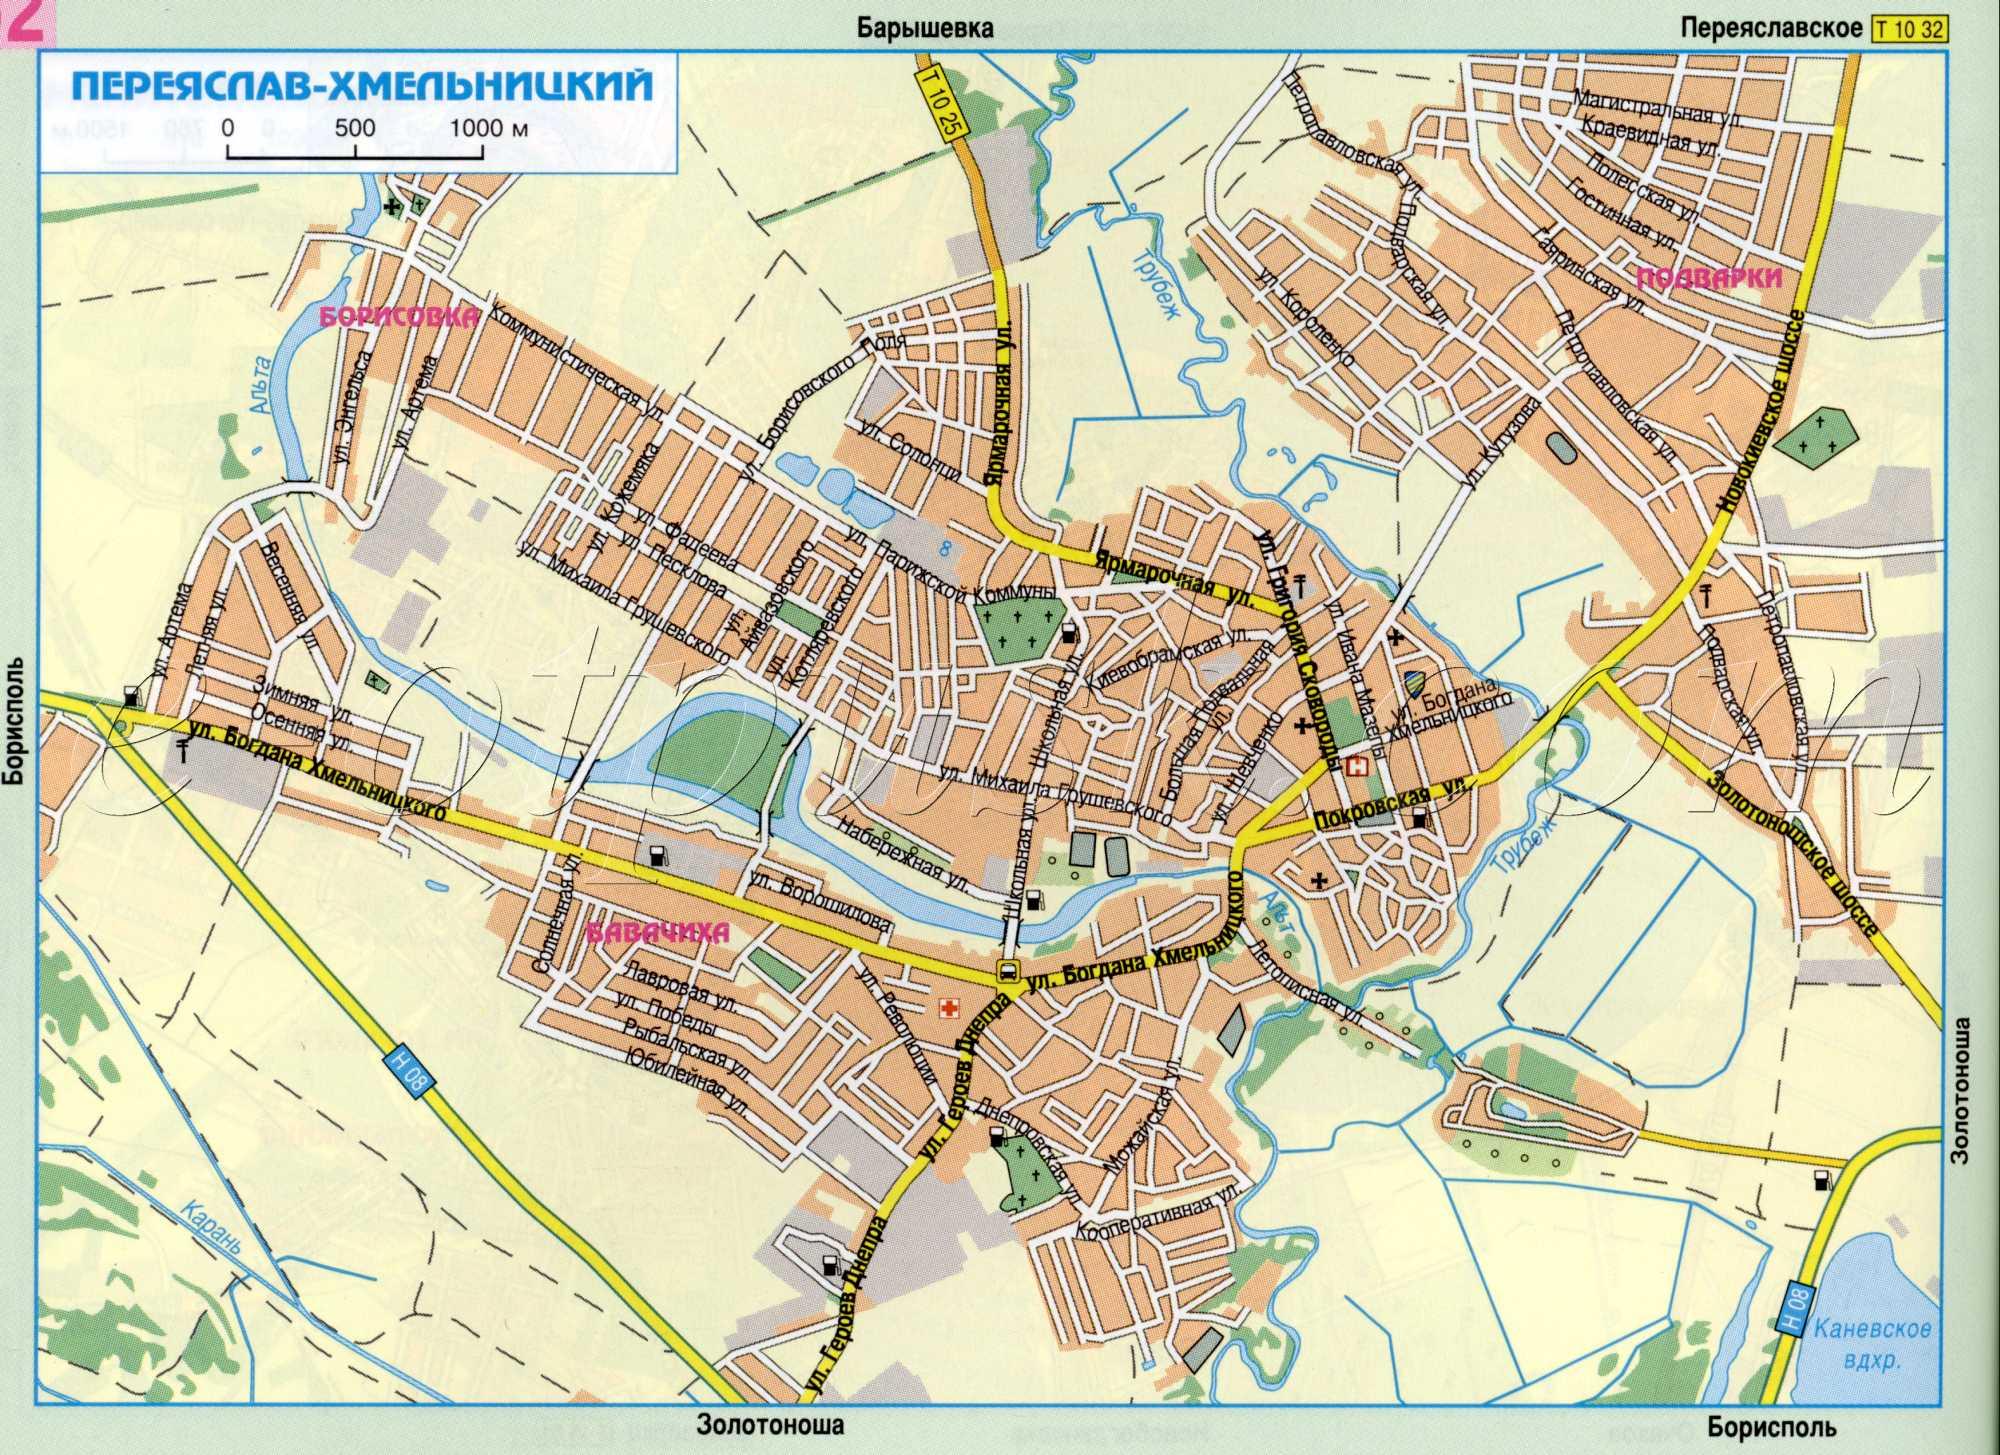 Карта города Переяслав-Хмельницкий